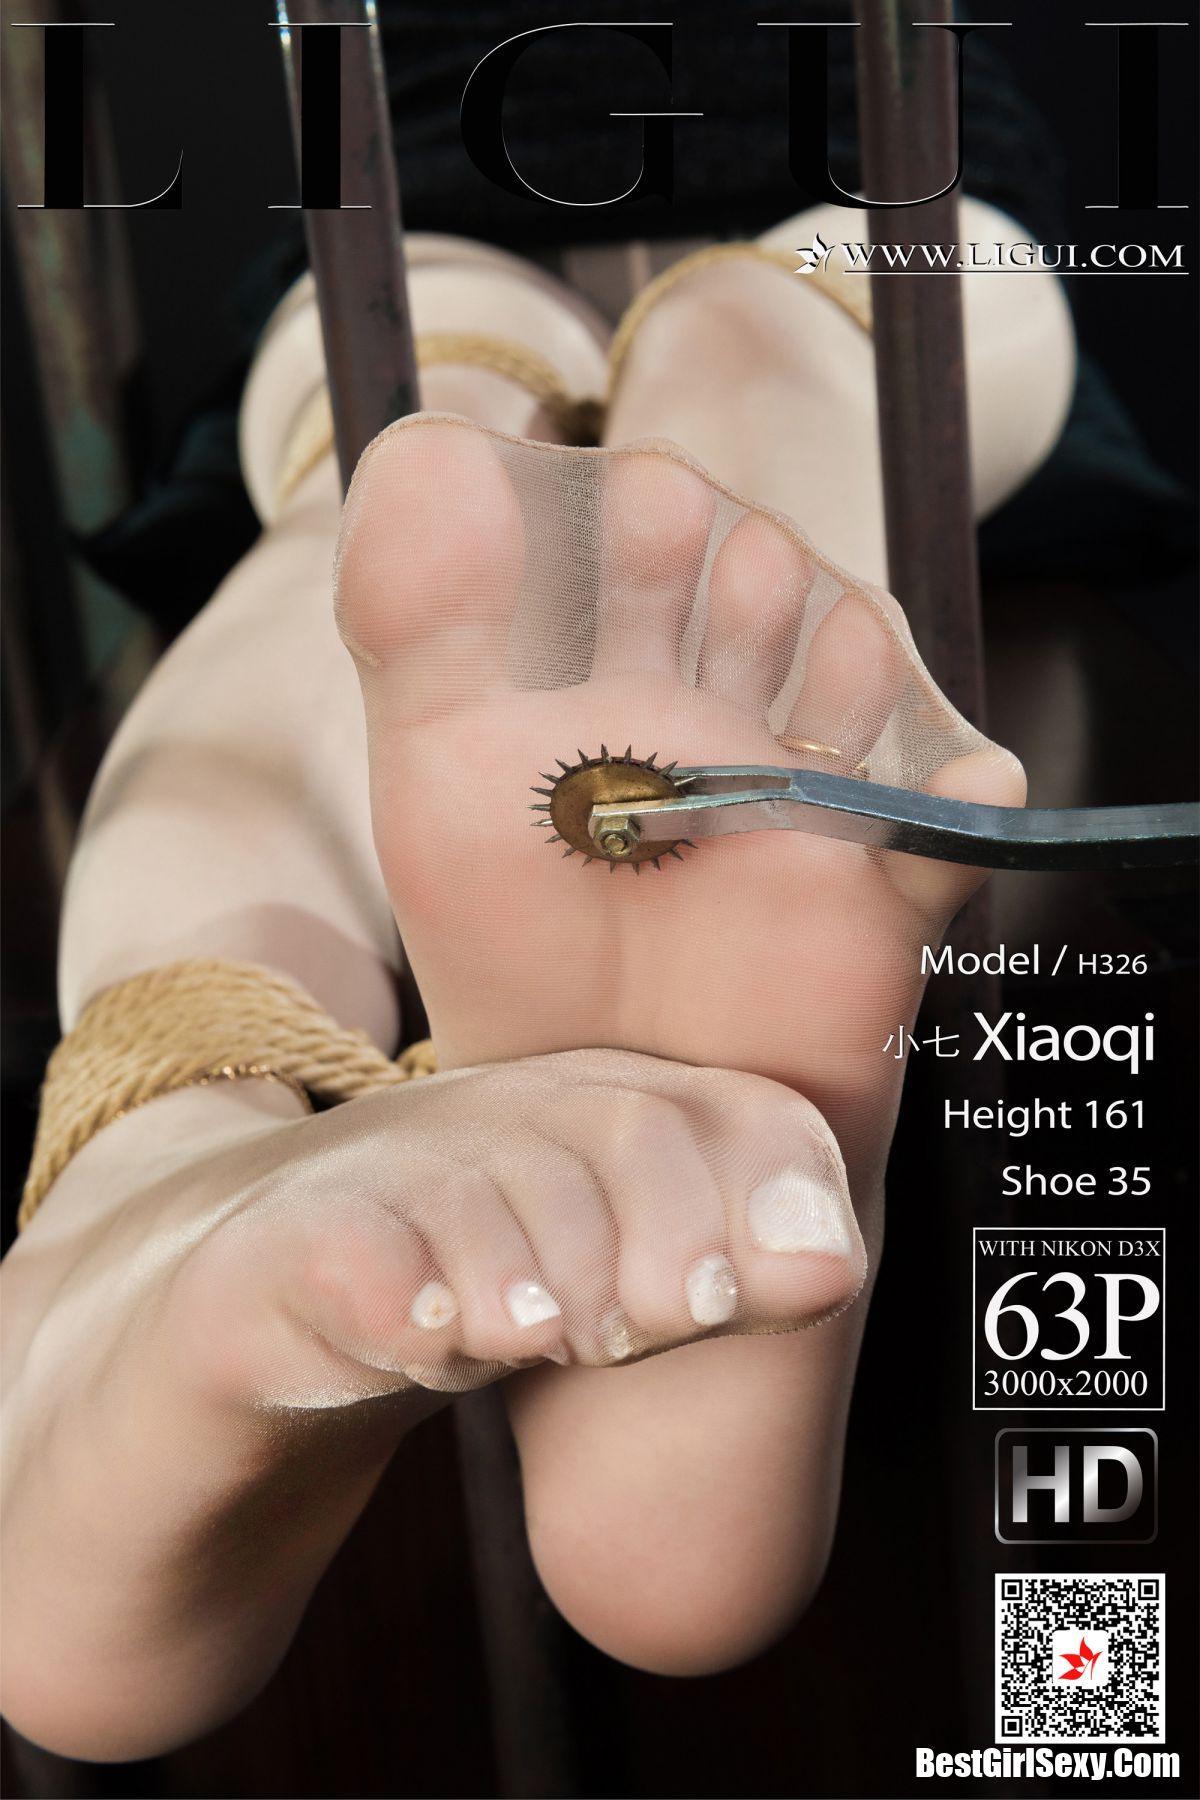 LiGui丽柜 2021.05.14 Xiao Qi 527